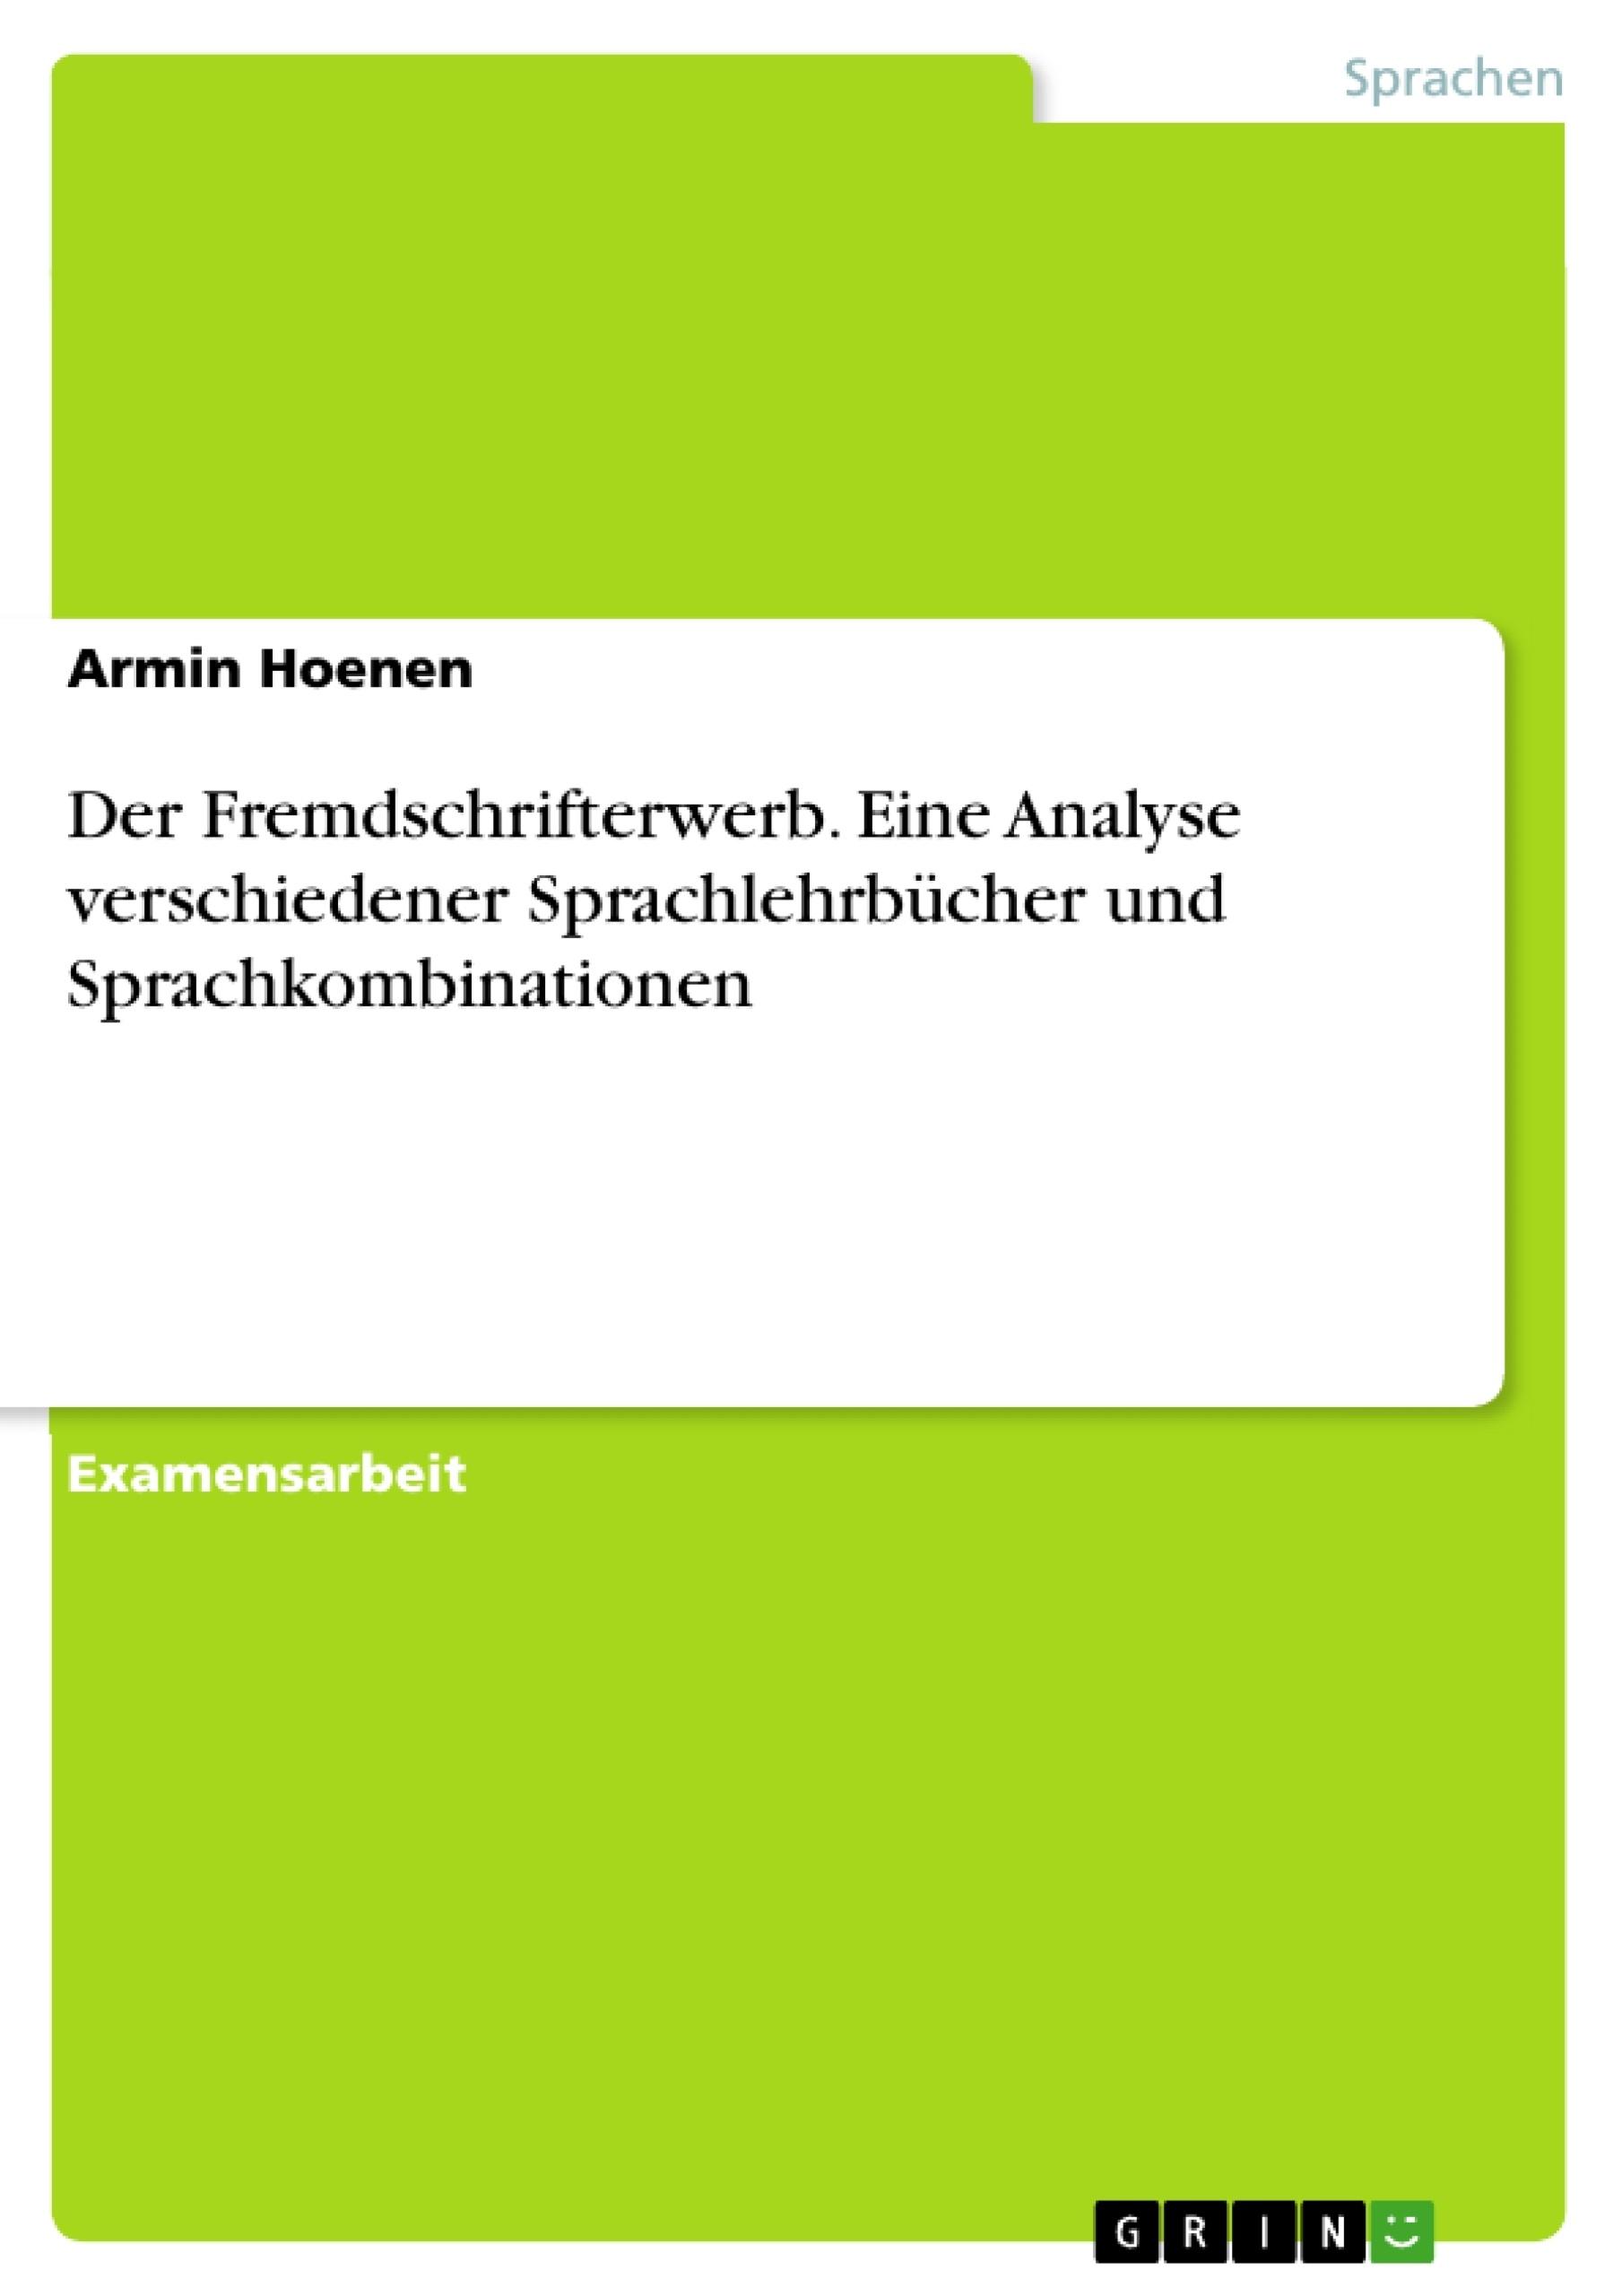 Titel: Der Fremdschrifterwerb. Eine Analyse verschiedener Sprachlehrbücher und Sprachkombinationen